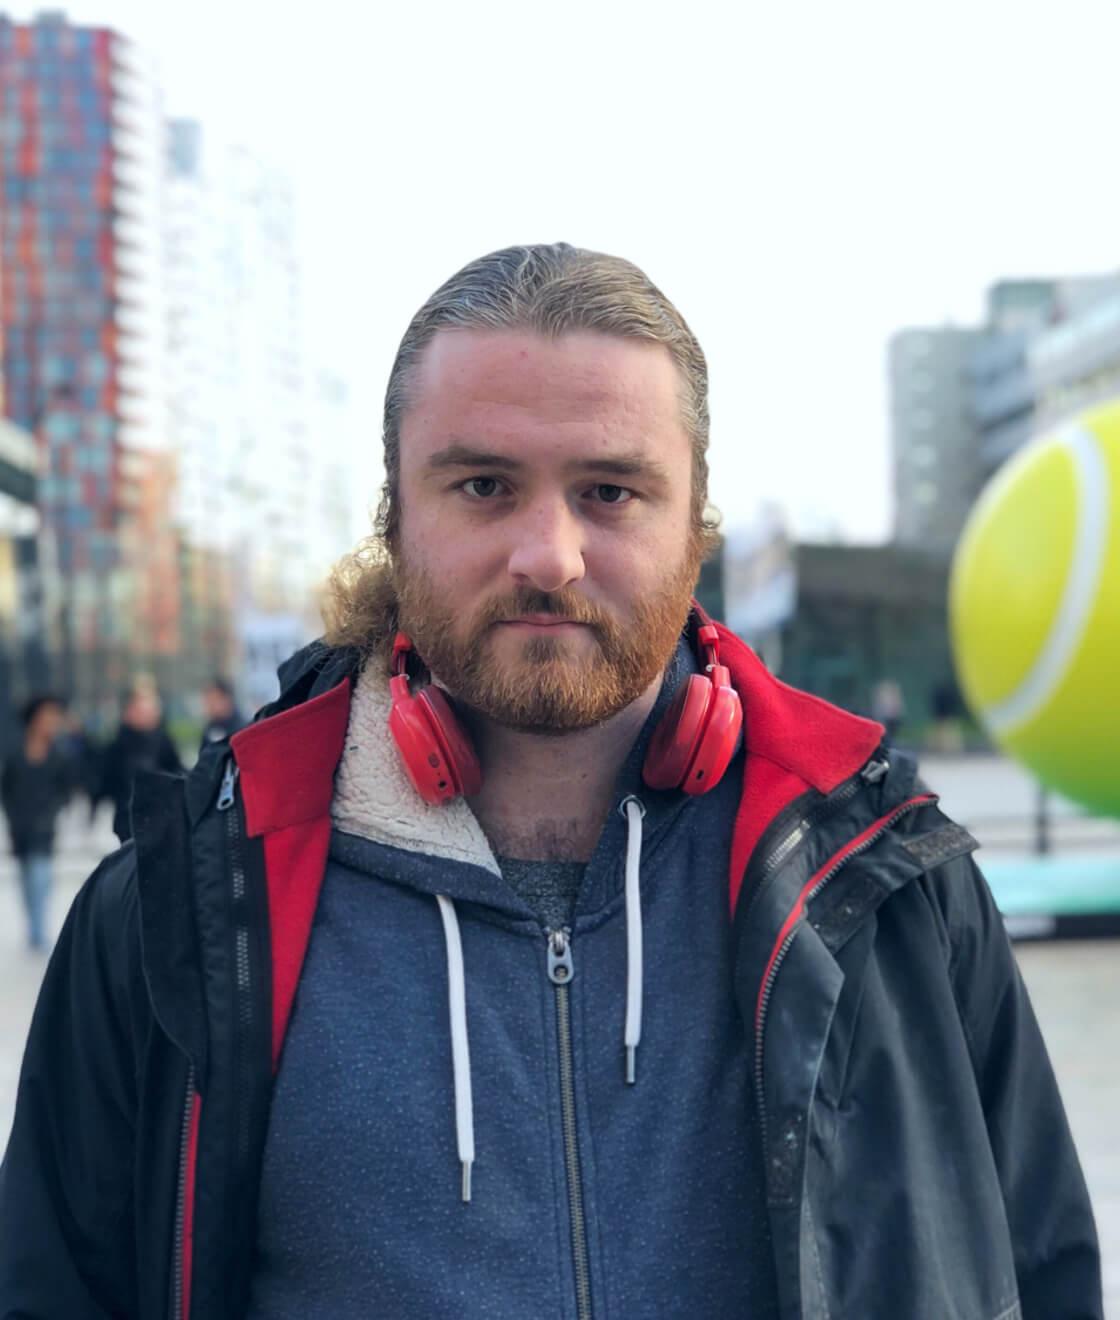 Portrait eines jungen bärtigen Mannes in Freizietkleidung